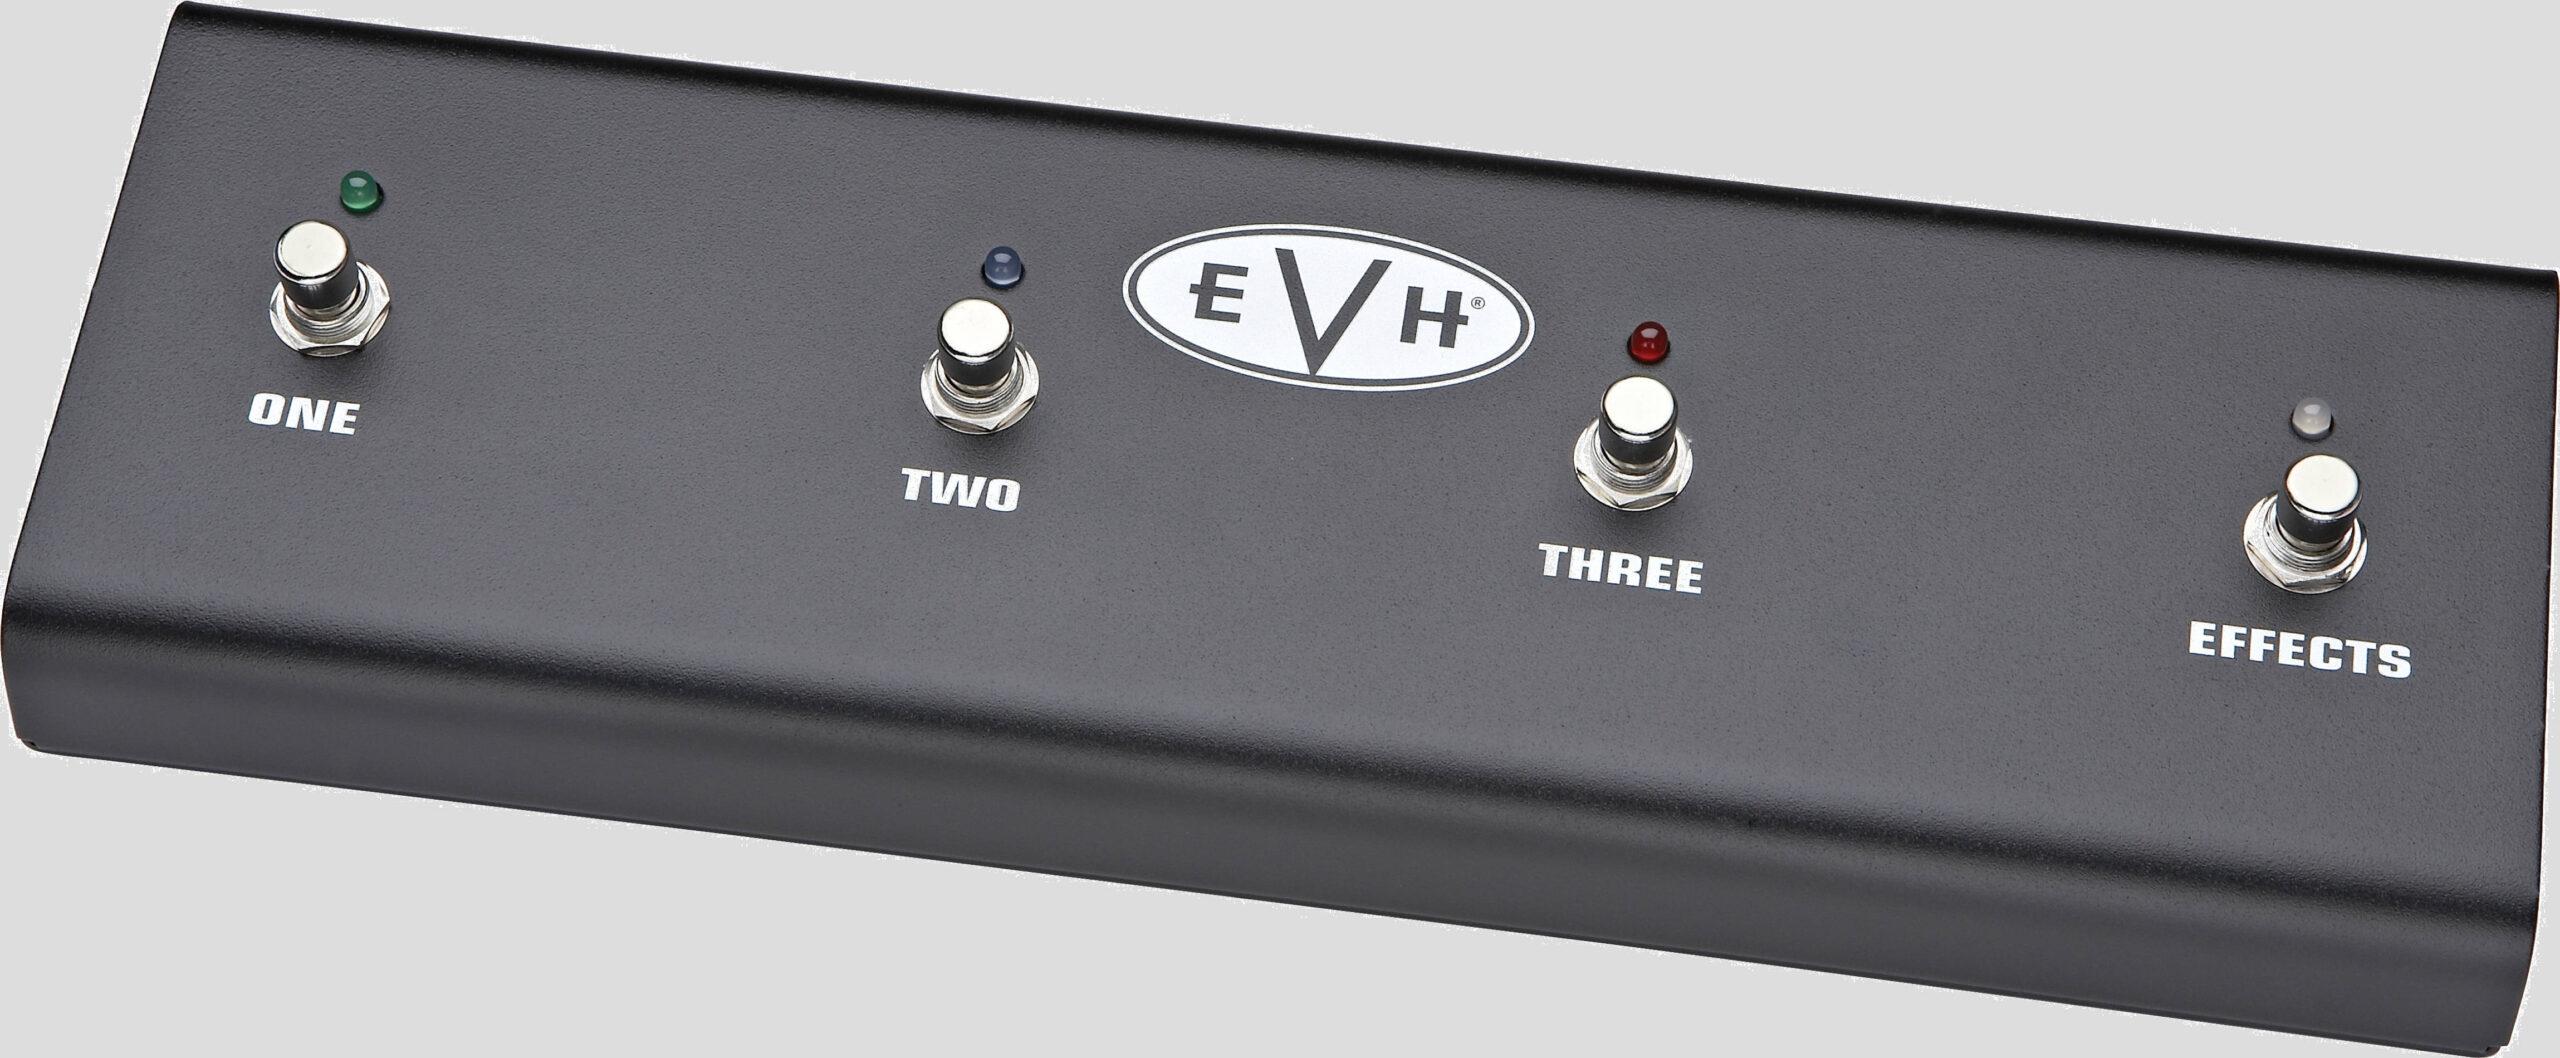 EVH 5150III 100W 6L6 Head Ivory 3